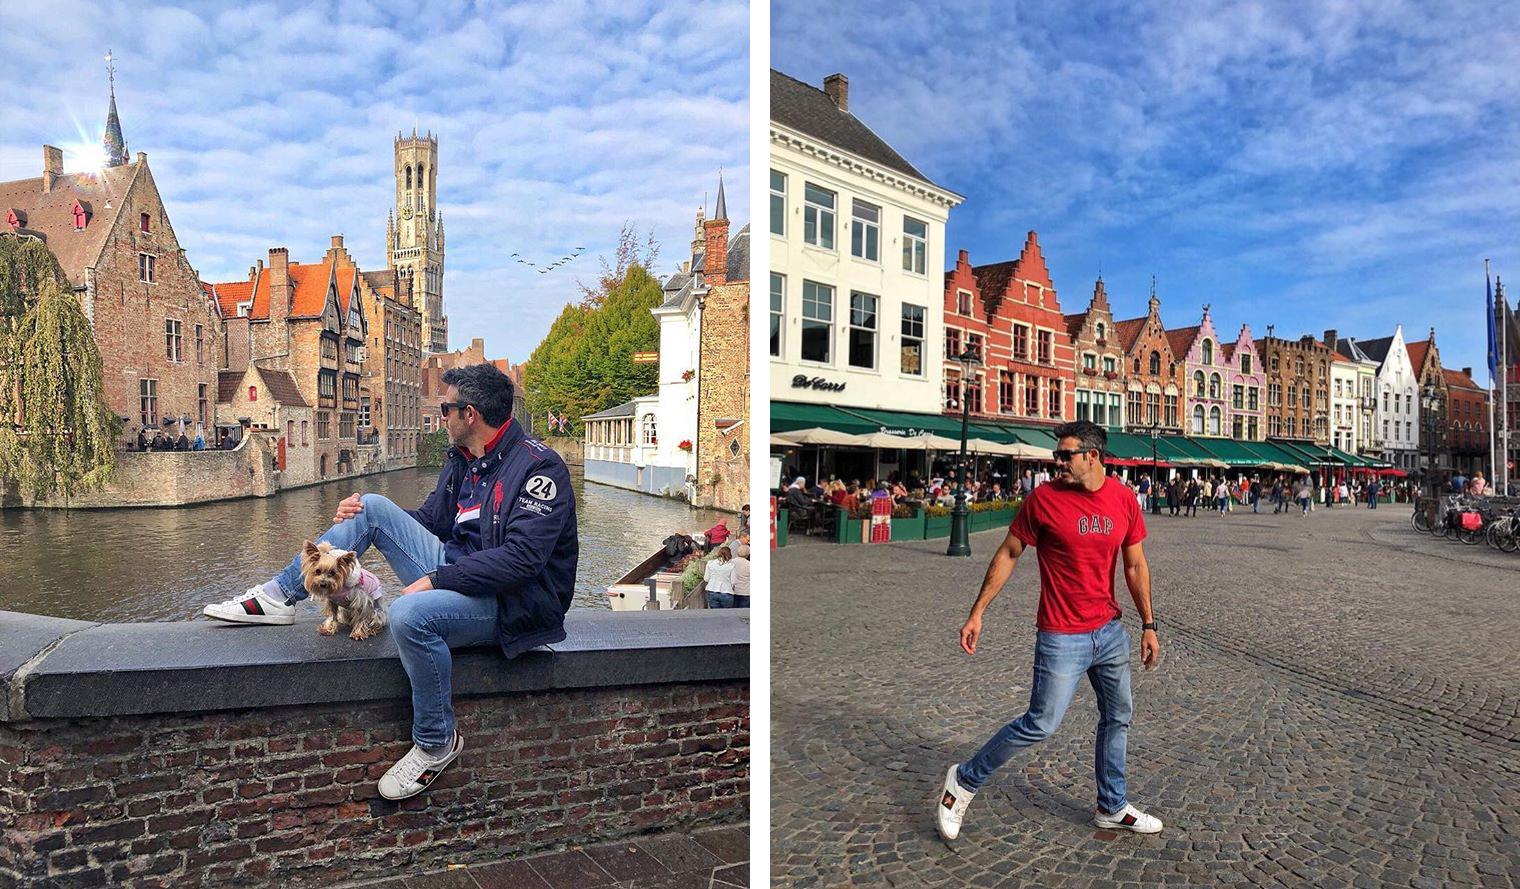 Memoria de viajes 2018 Viajes a Bélgica  - 45603070155 cd6709f2b0 o - Memoria de Viajes 2018: El año de los Maratones